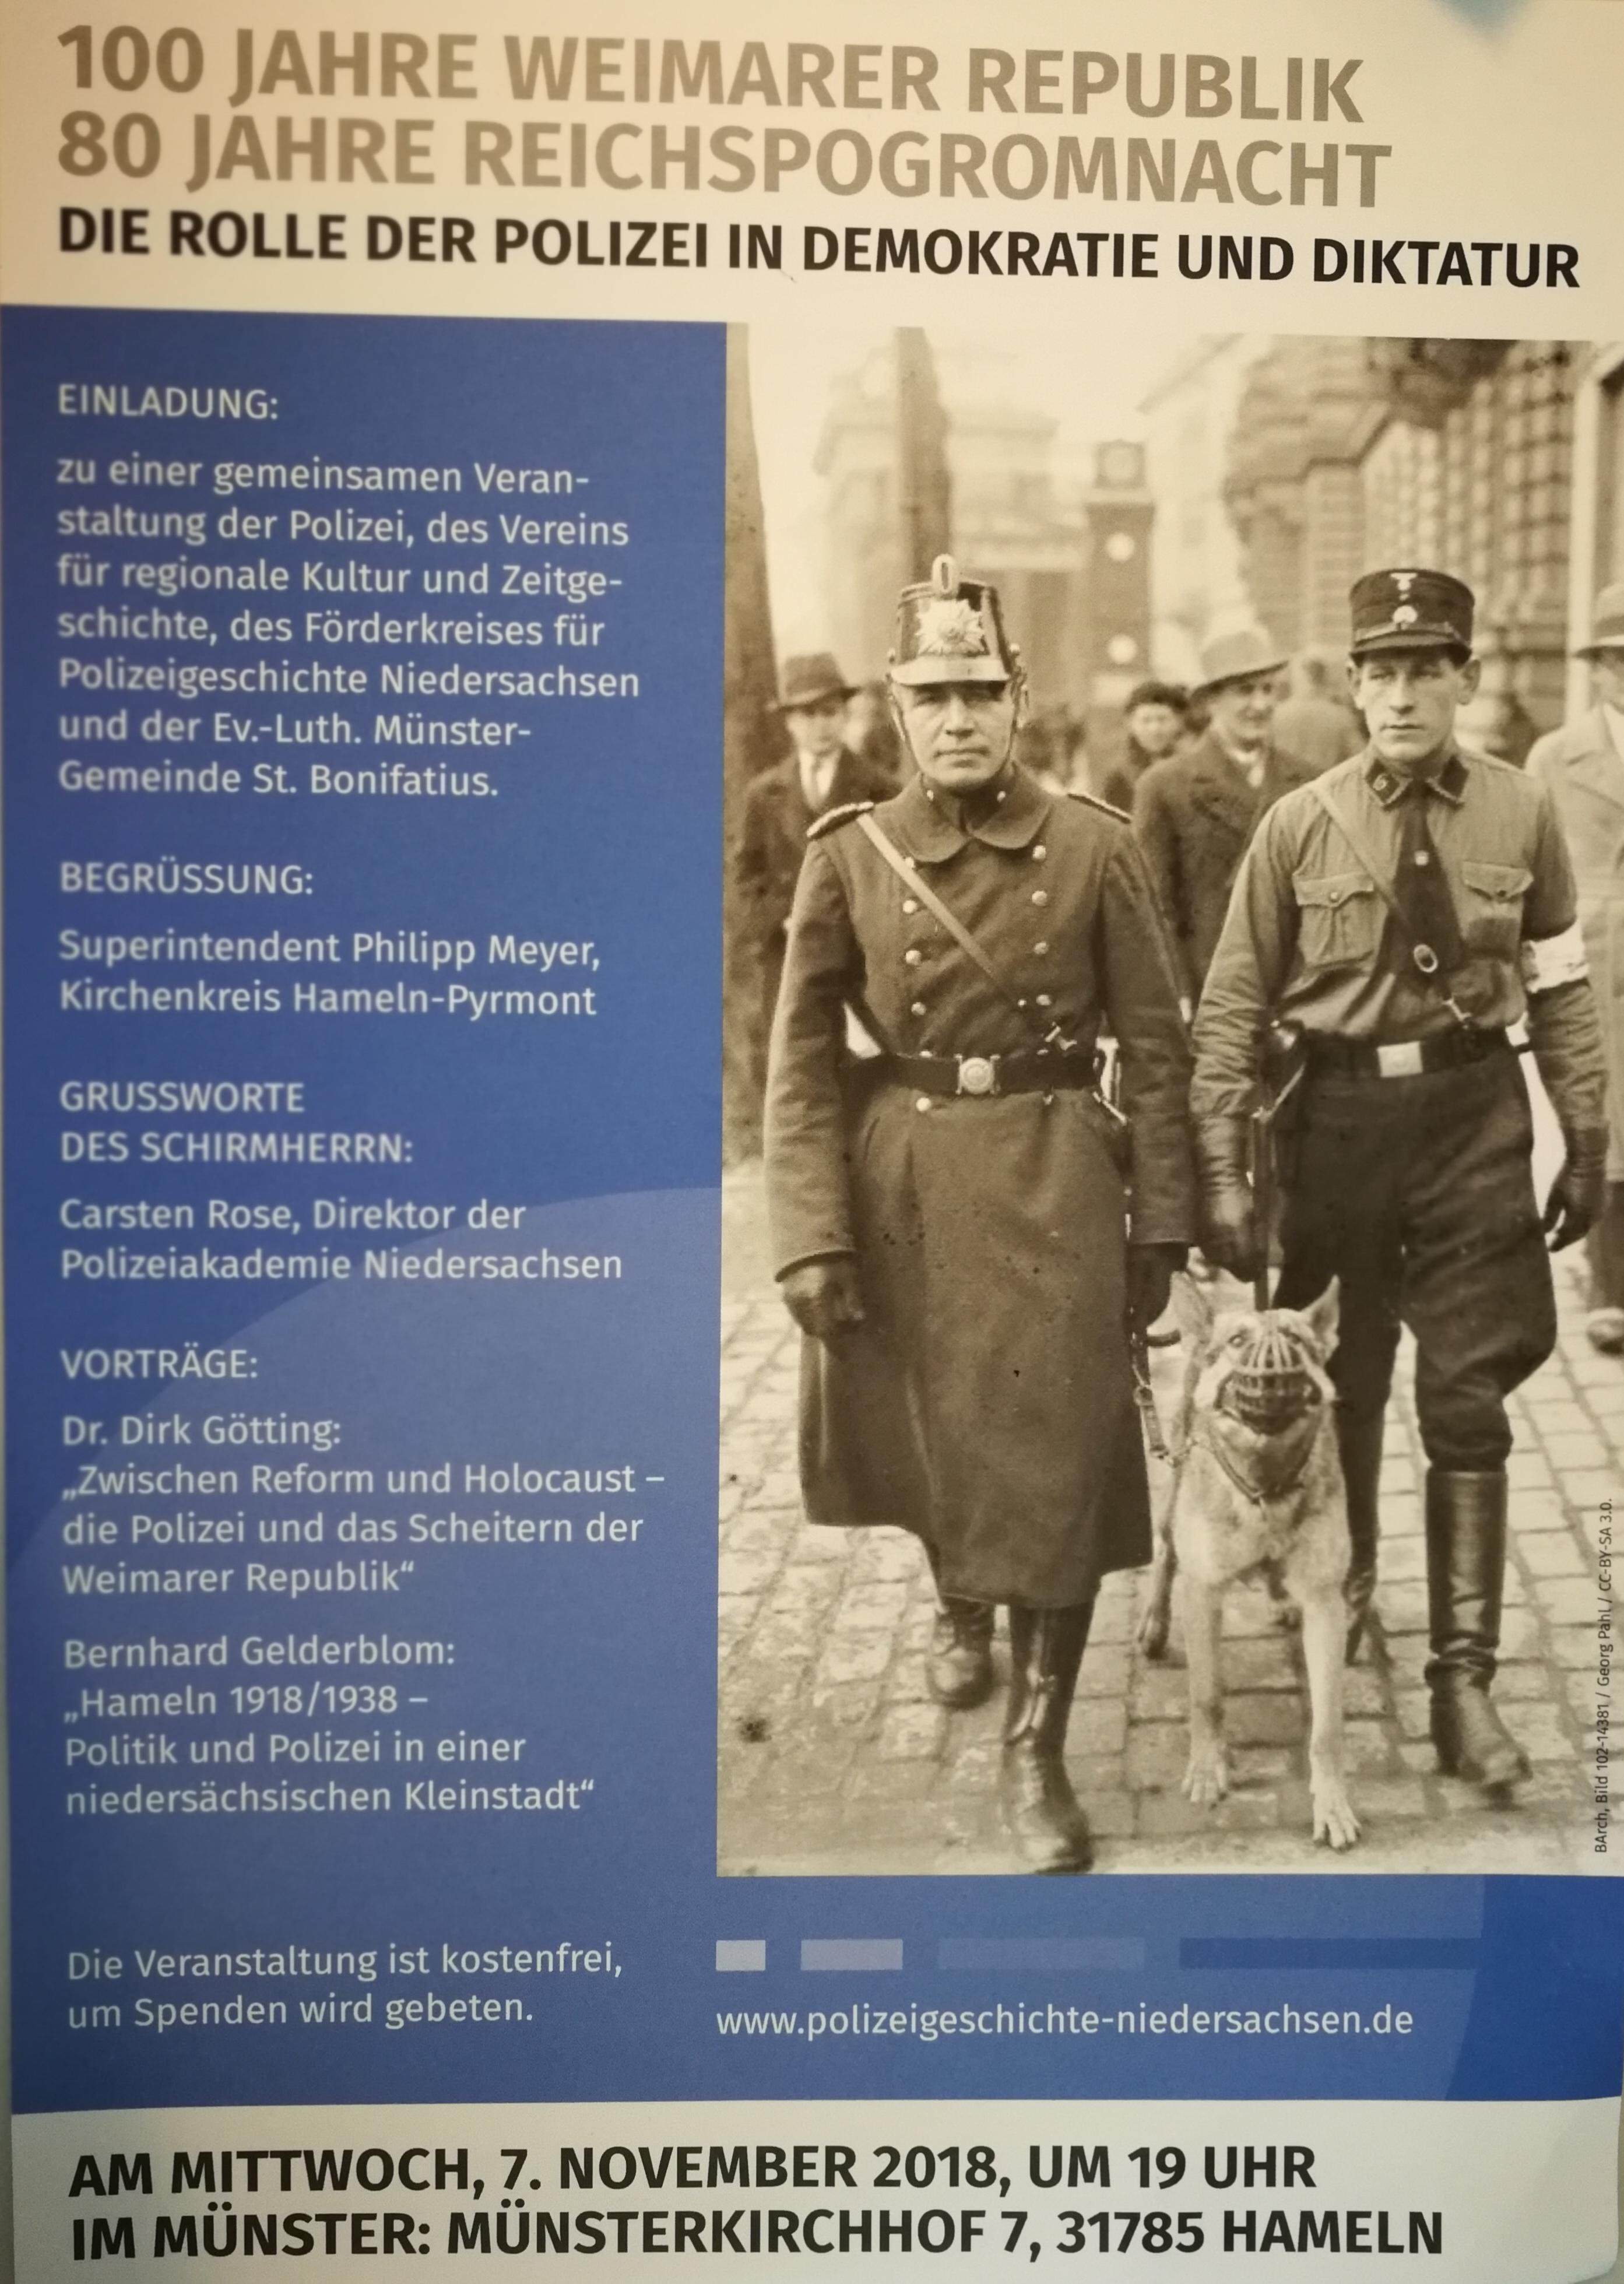 Pol Hm 100 Jahre Weimarer Republik 80 Jahre